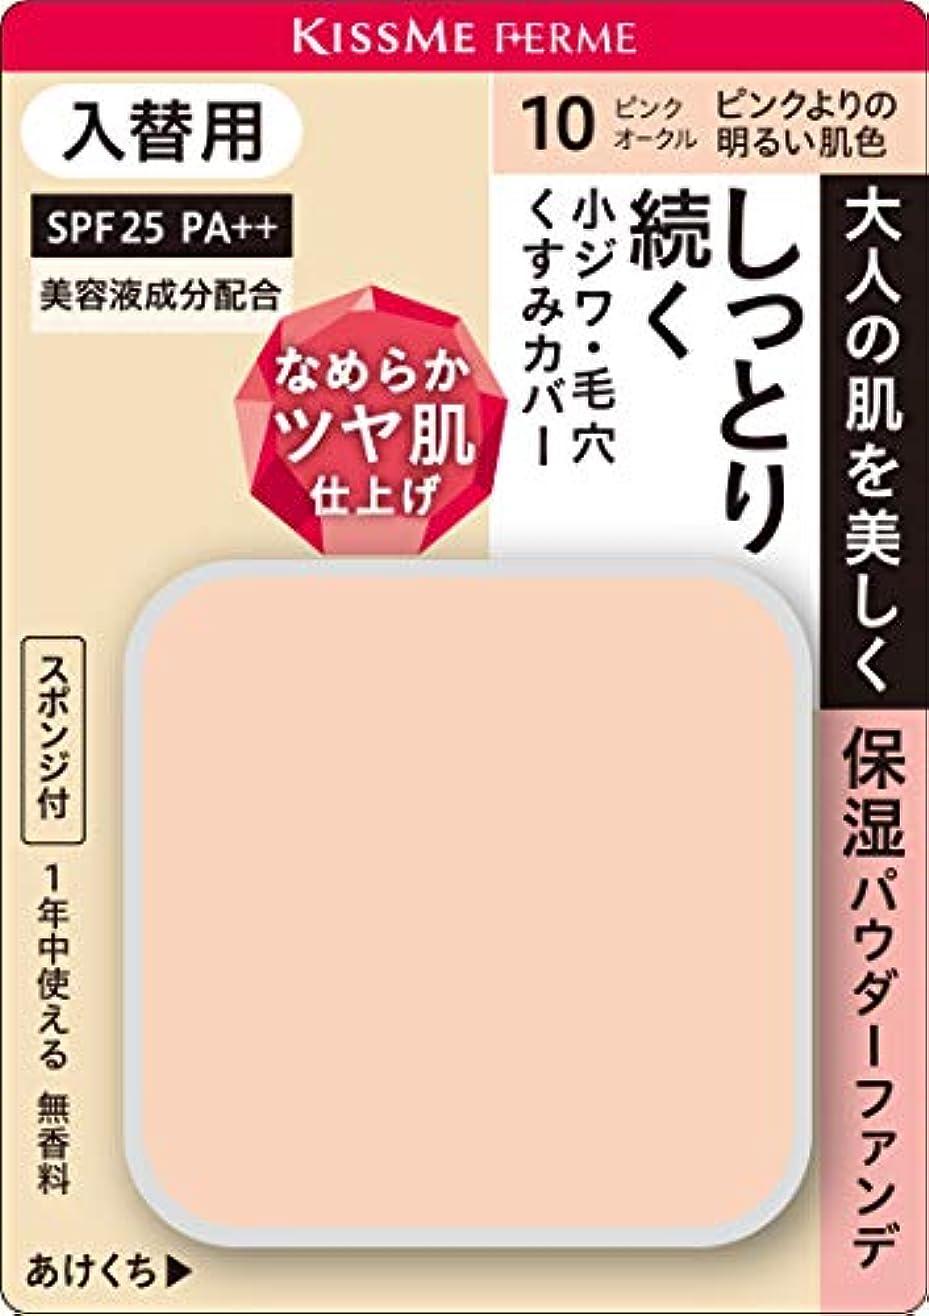 演劇奨学金子供達フェルム しっとりツヤ肌パウダーファンデ 入替用 10ピンクよりの明るい肌色